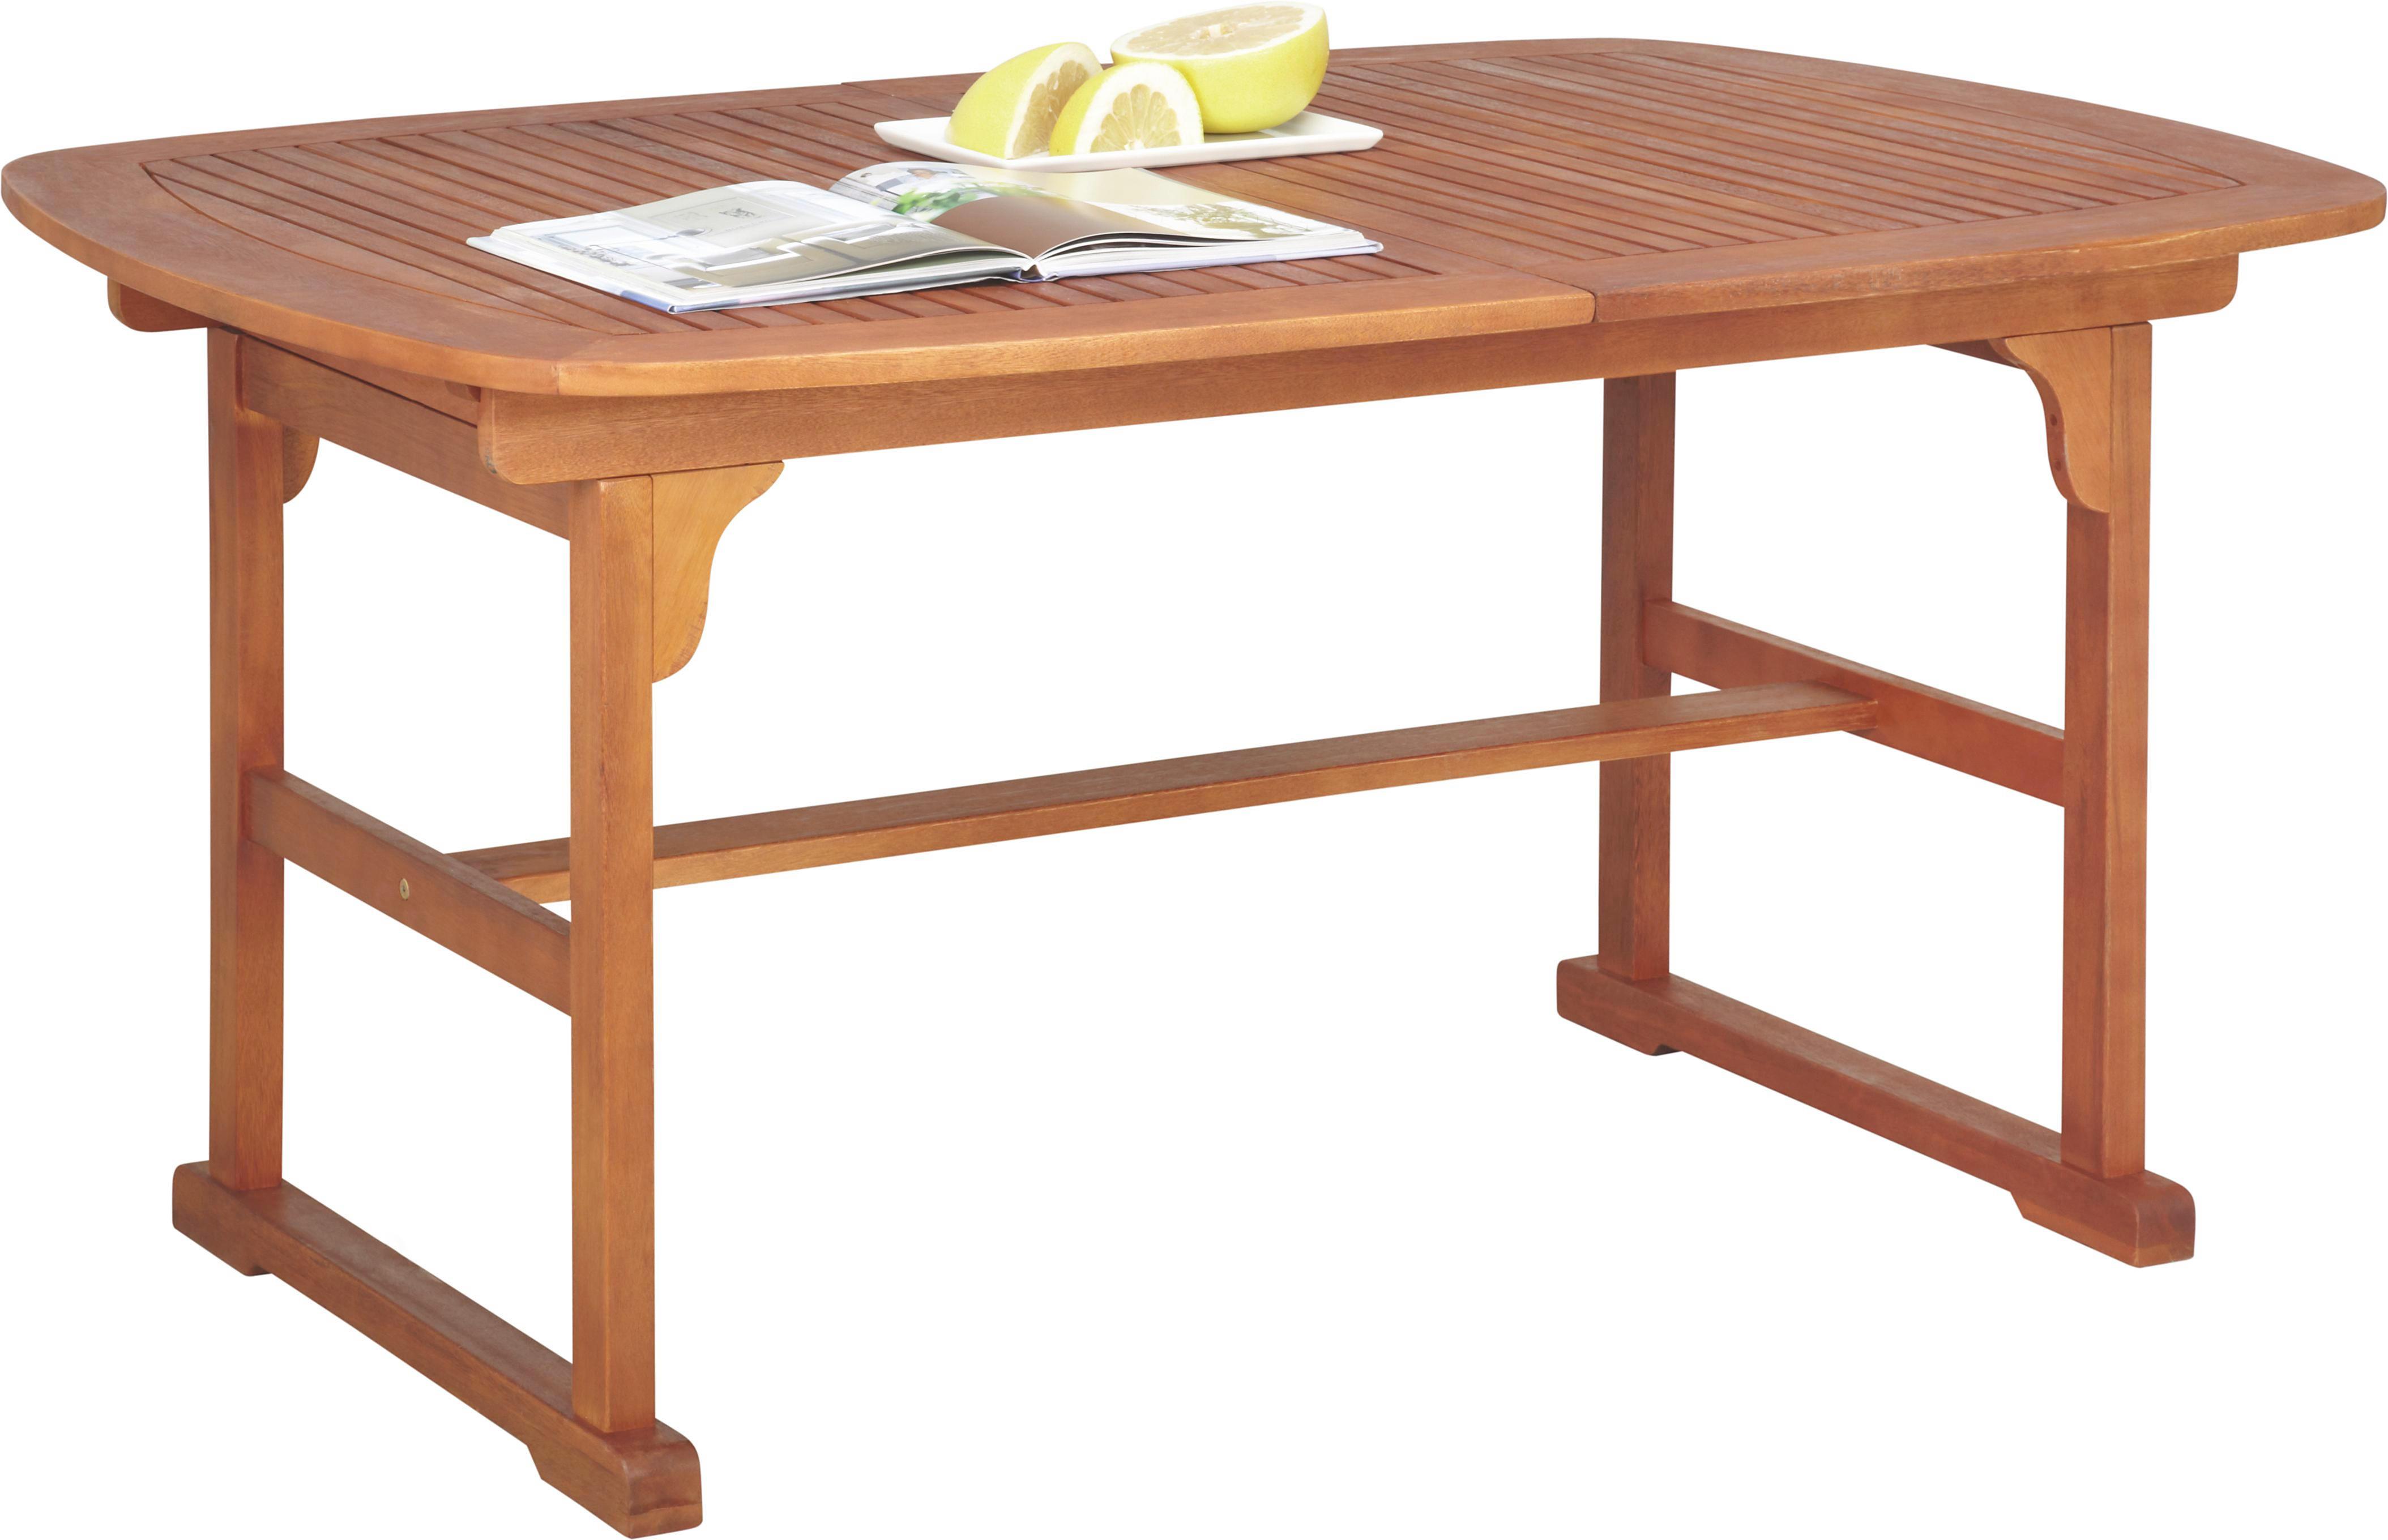 Gartentisch holz  GARTENTISCH aus Holz Eukalyptusholz in Braun online kaufen ➤ XXXLutz